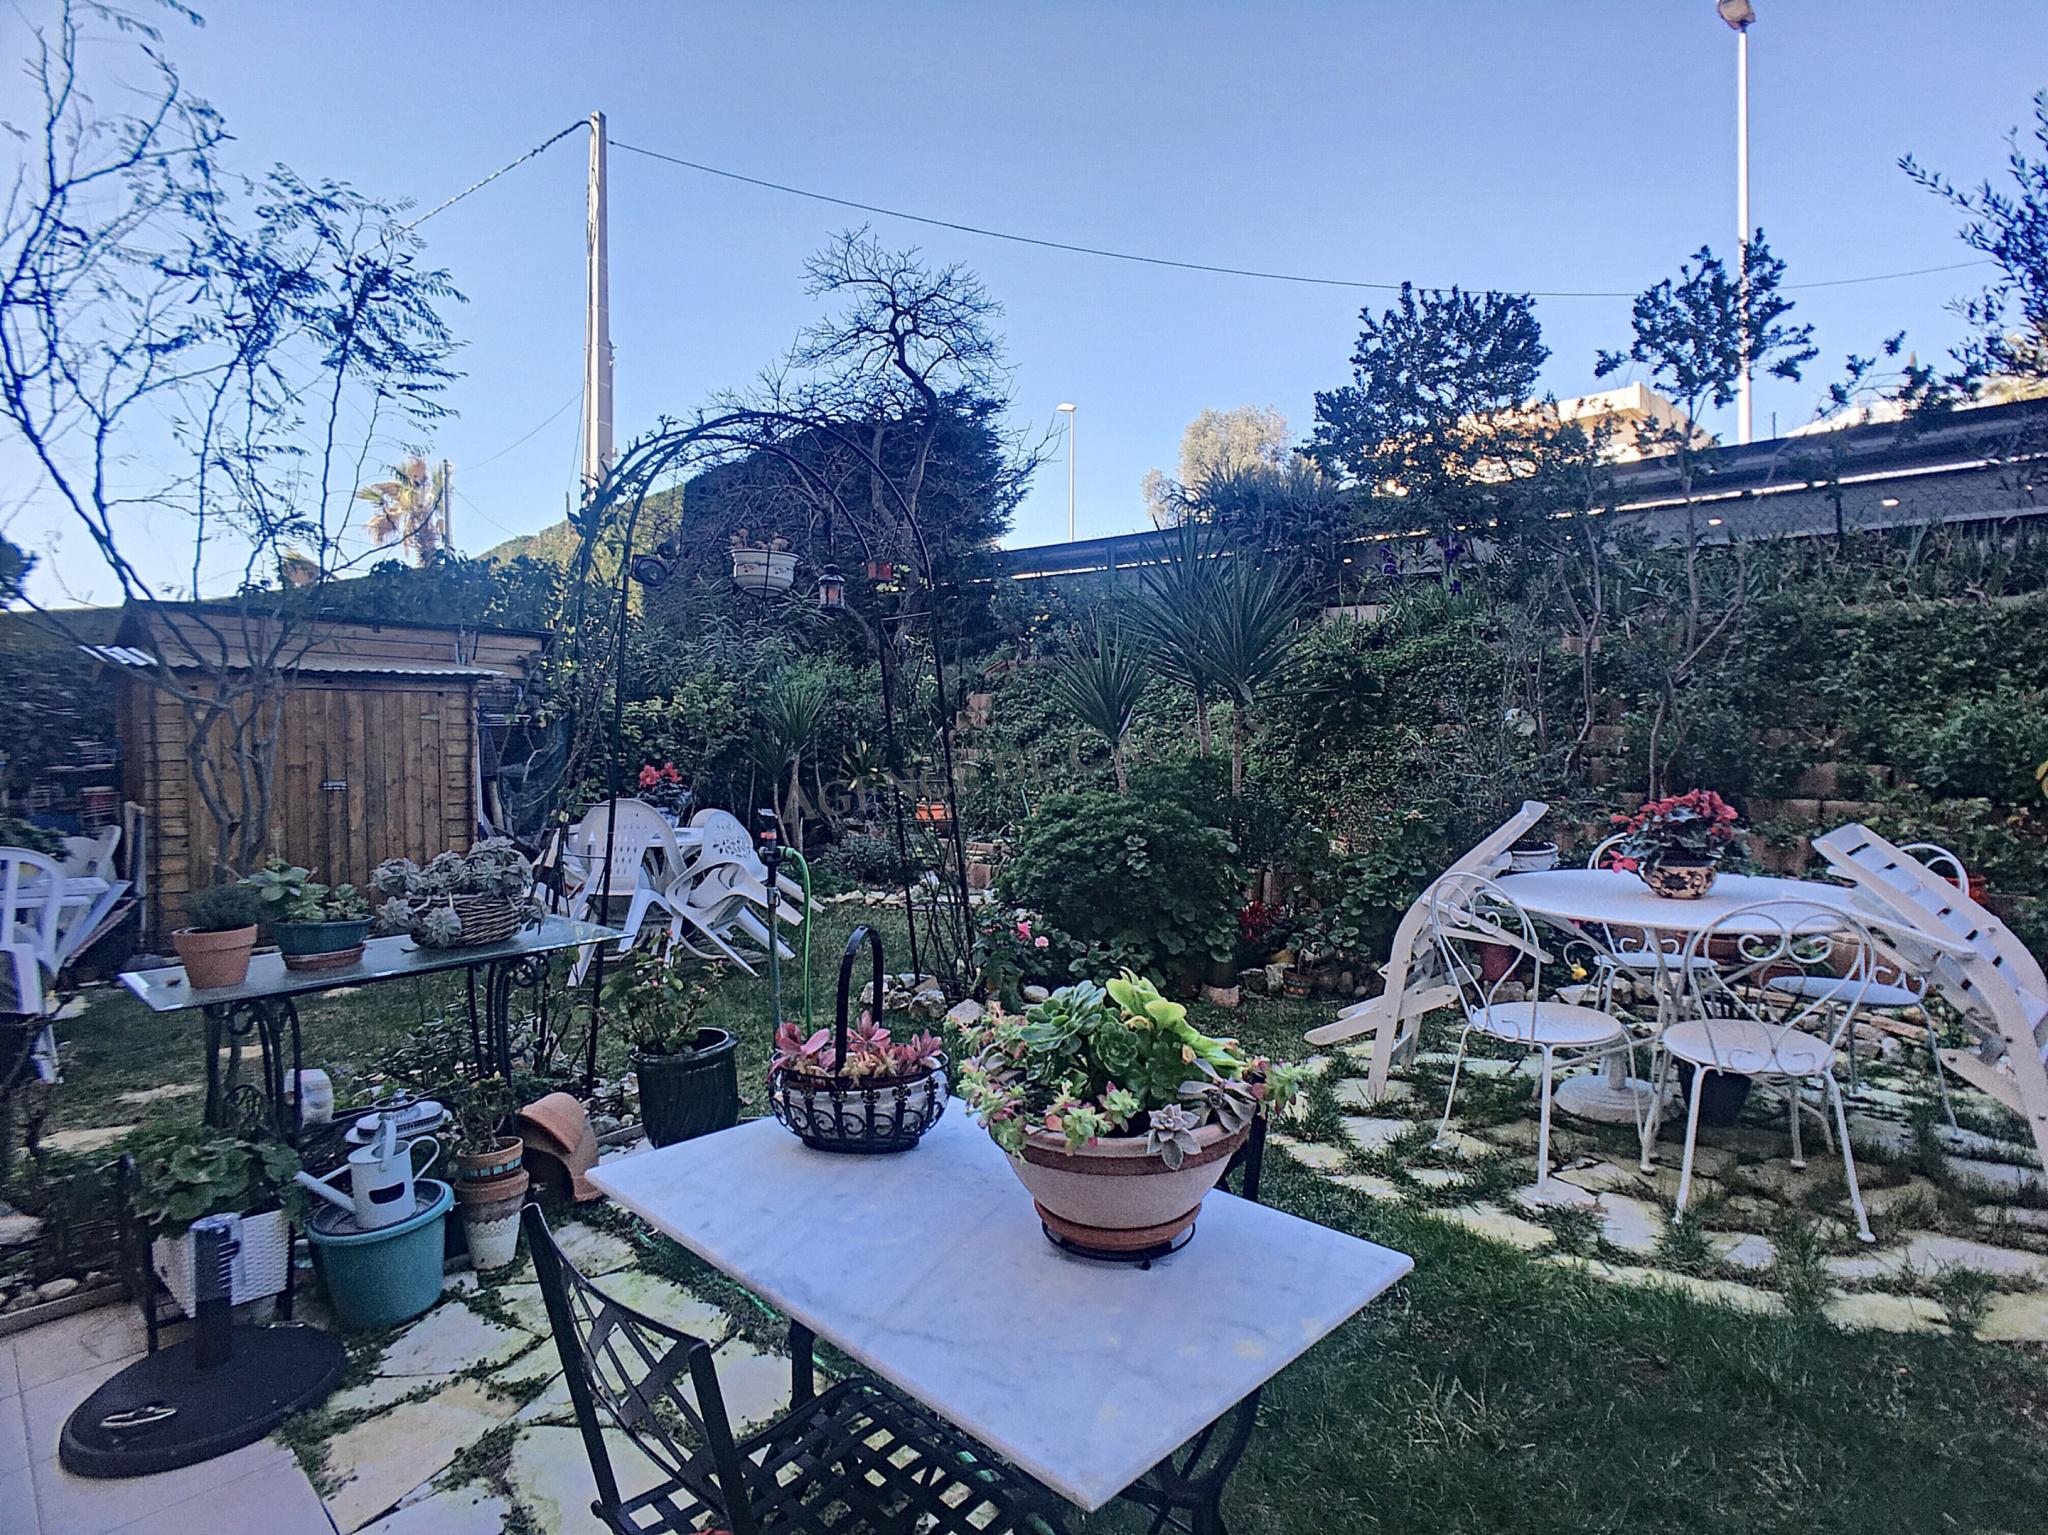 Saint-Laurent du Var, Plateaux Fleuris, 3 pièces, terrasse, jardin,  piscine, parking privé